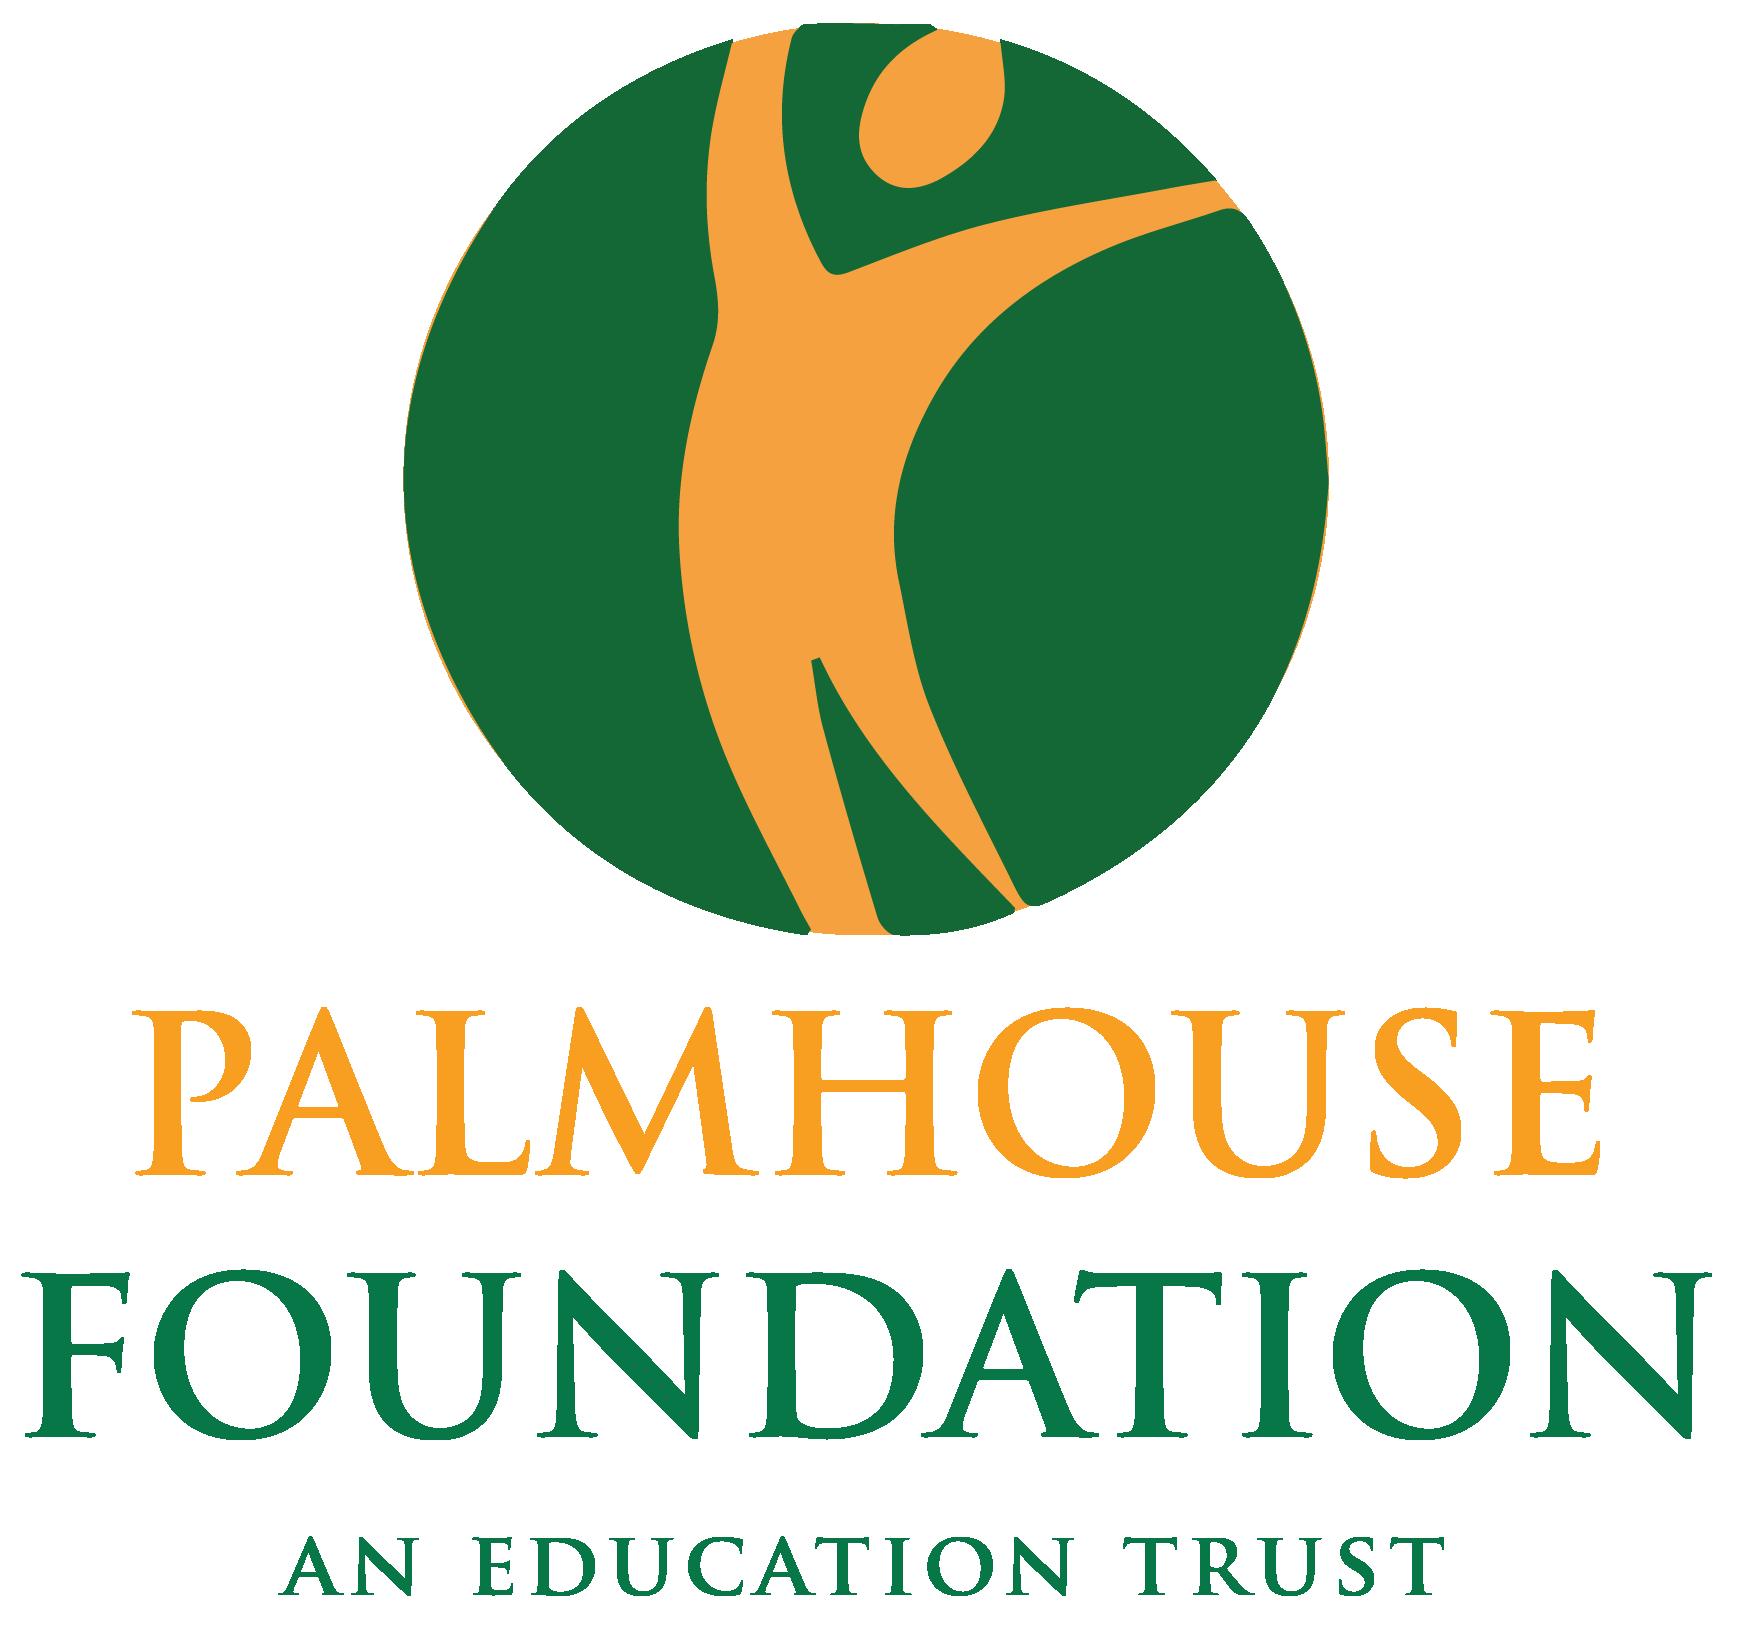 PALMHOUSE FOUNDATION